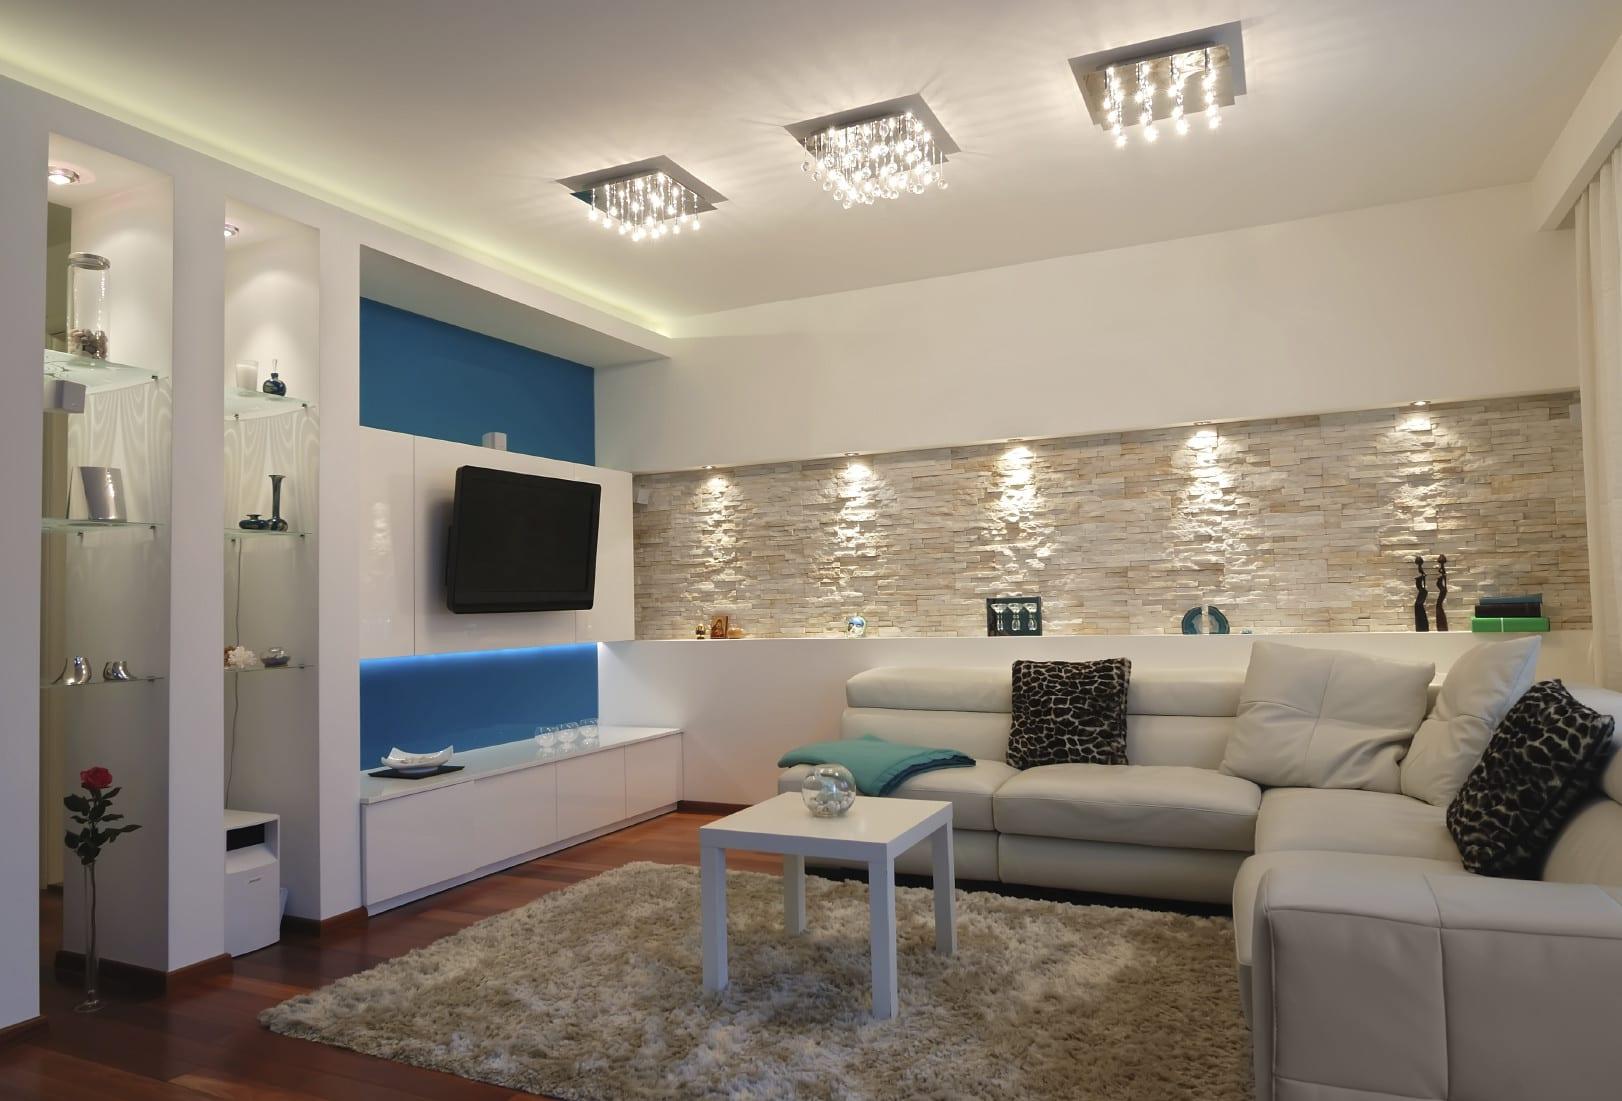 farbgestaltung wohnzimmer ideen in weiß und blau für modernes wohnzimmer design und coole licht idee mit akzentleuchten